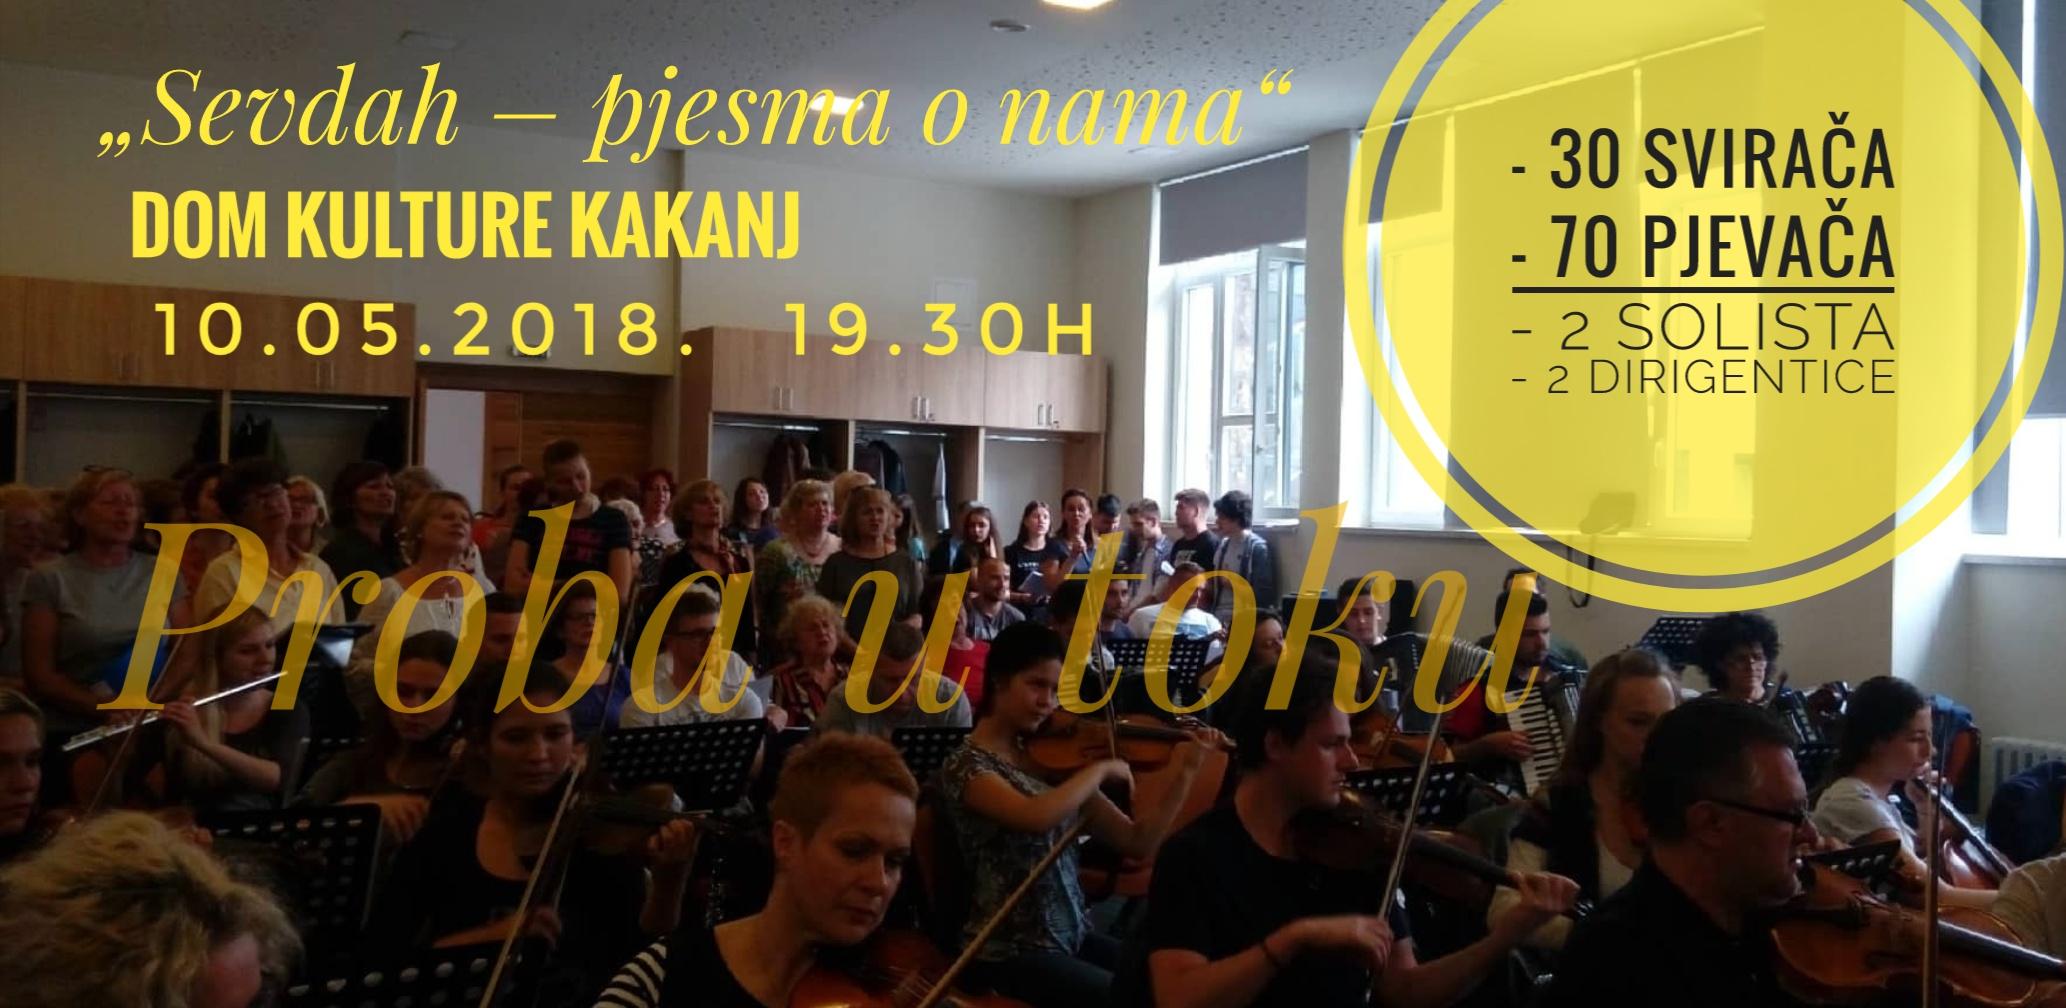 U toku probe za koncert zakazan za 10.5.2018. u Domu kulture Kakanj (u ponedjeljak press): 30 svirača, 70 pjevača, 2 solista, 2 dirigentice